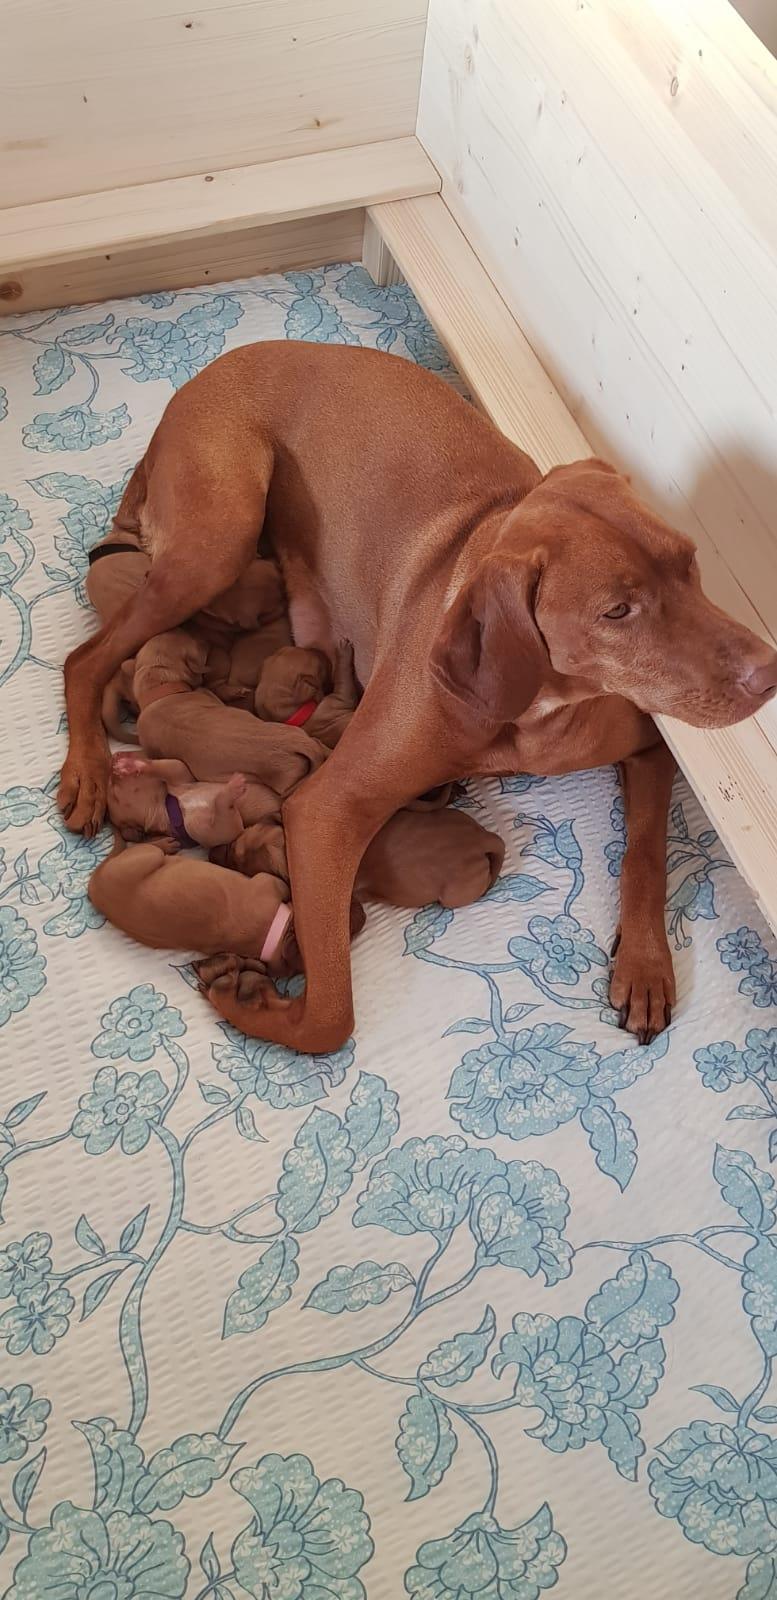 Baja bewacht ihre Kids